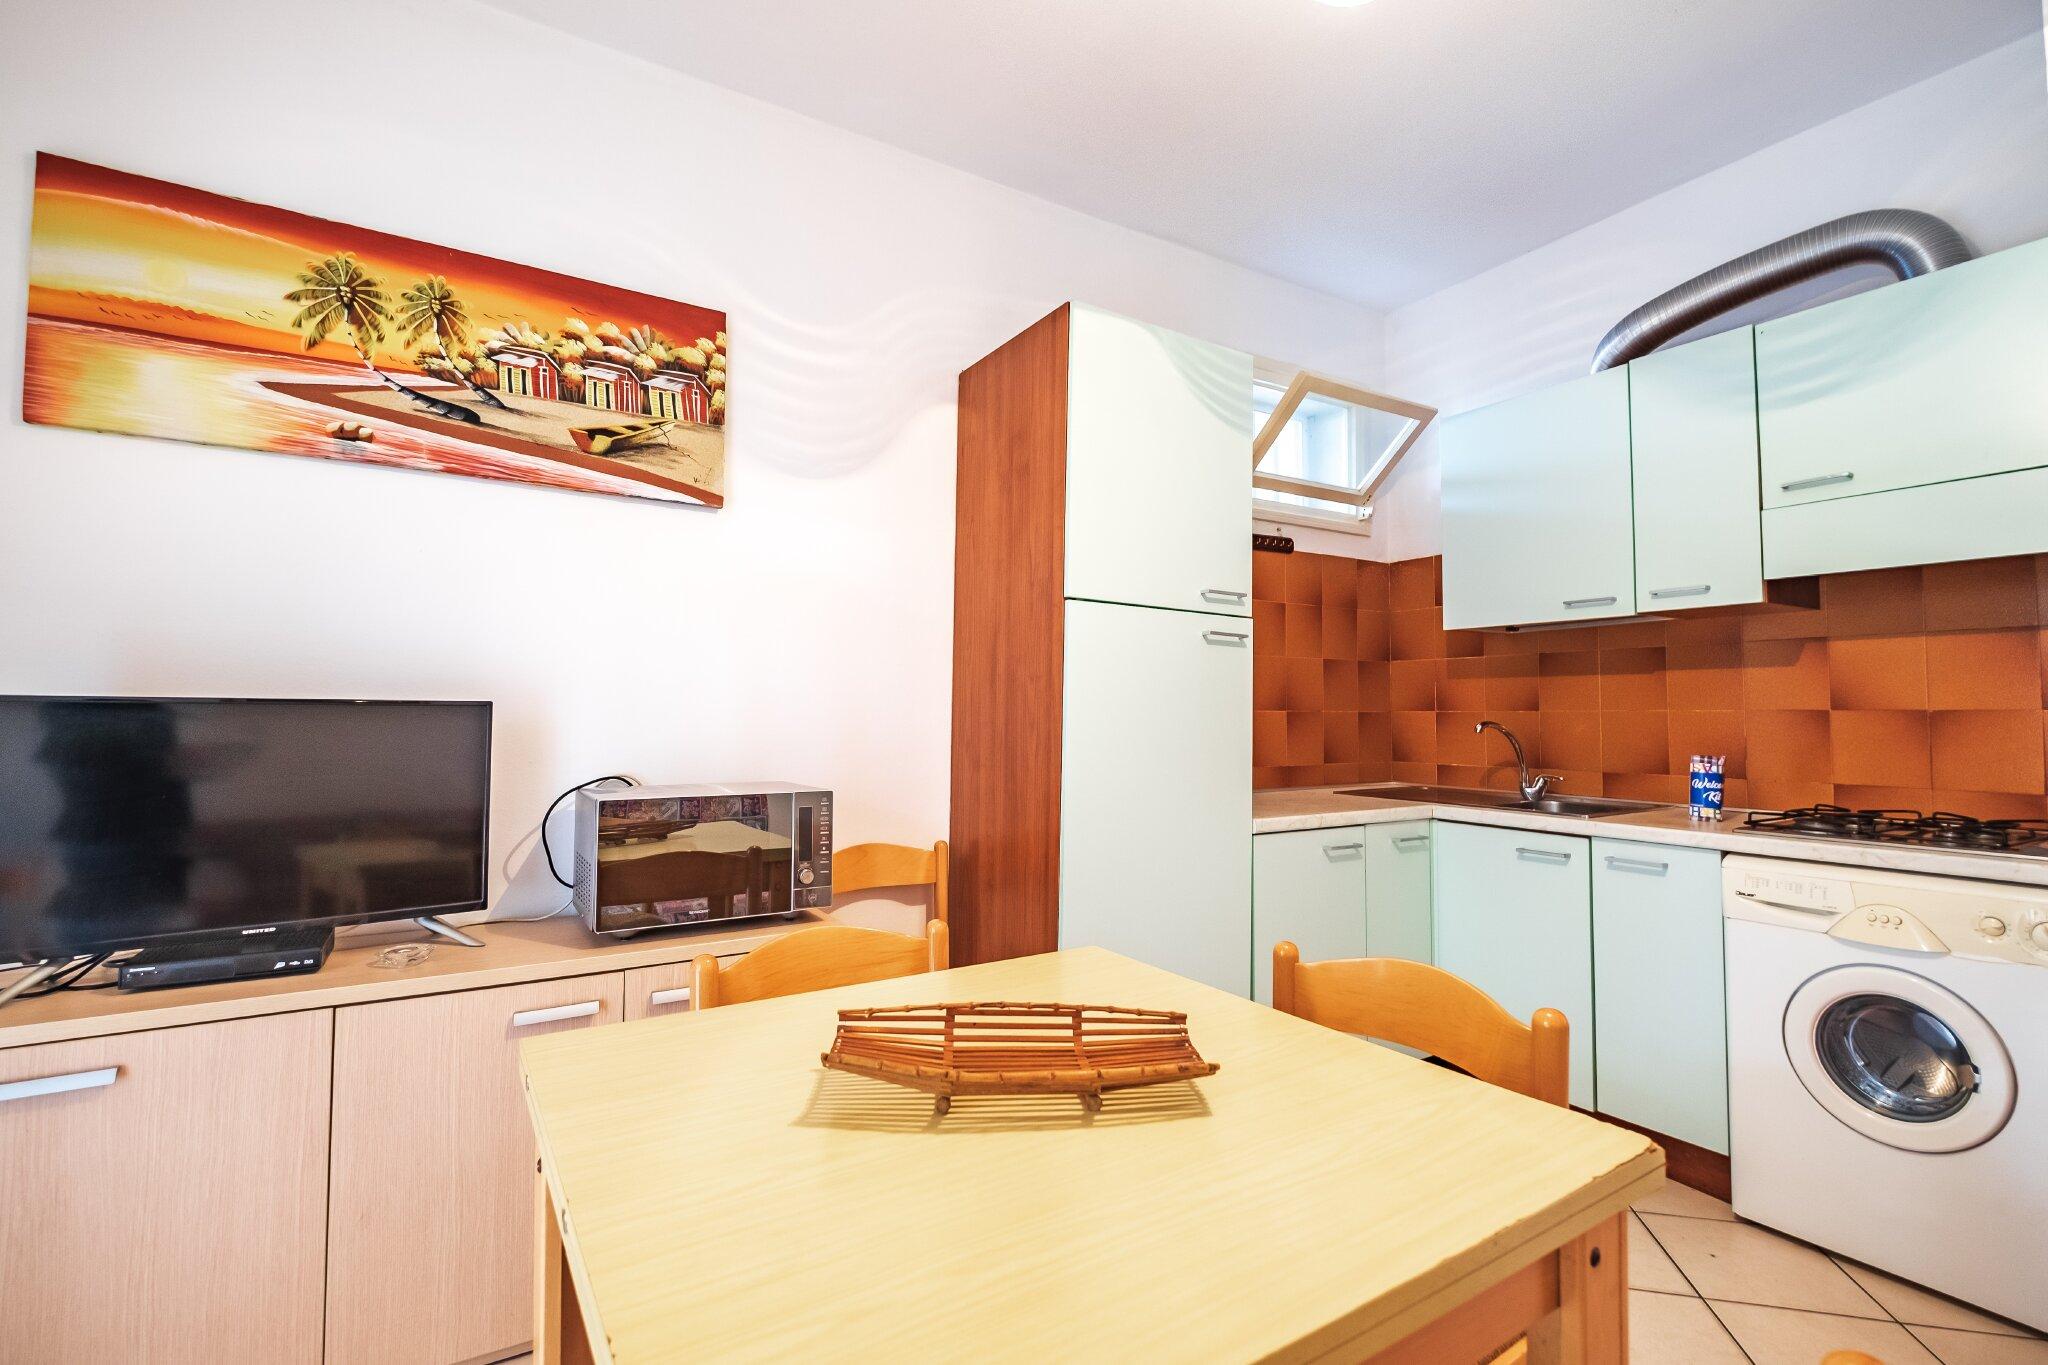 Wohnzimmer mit Schlafcouch und Küche